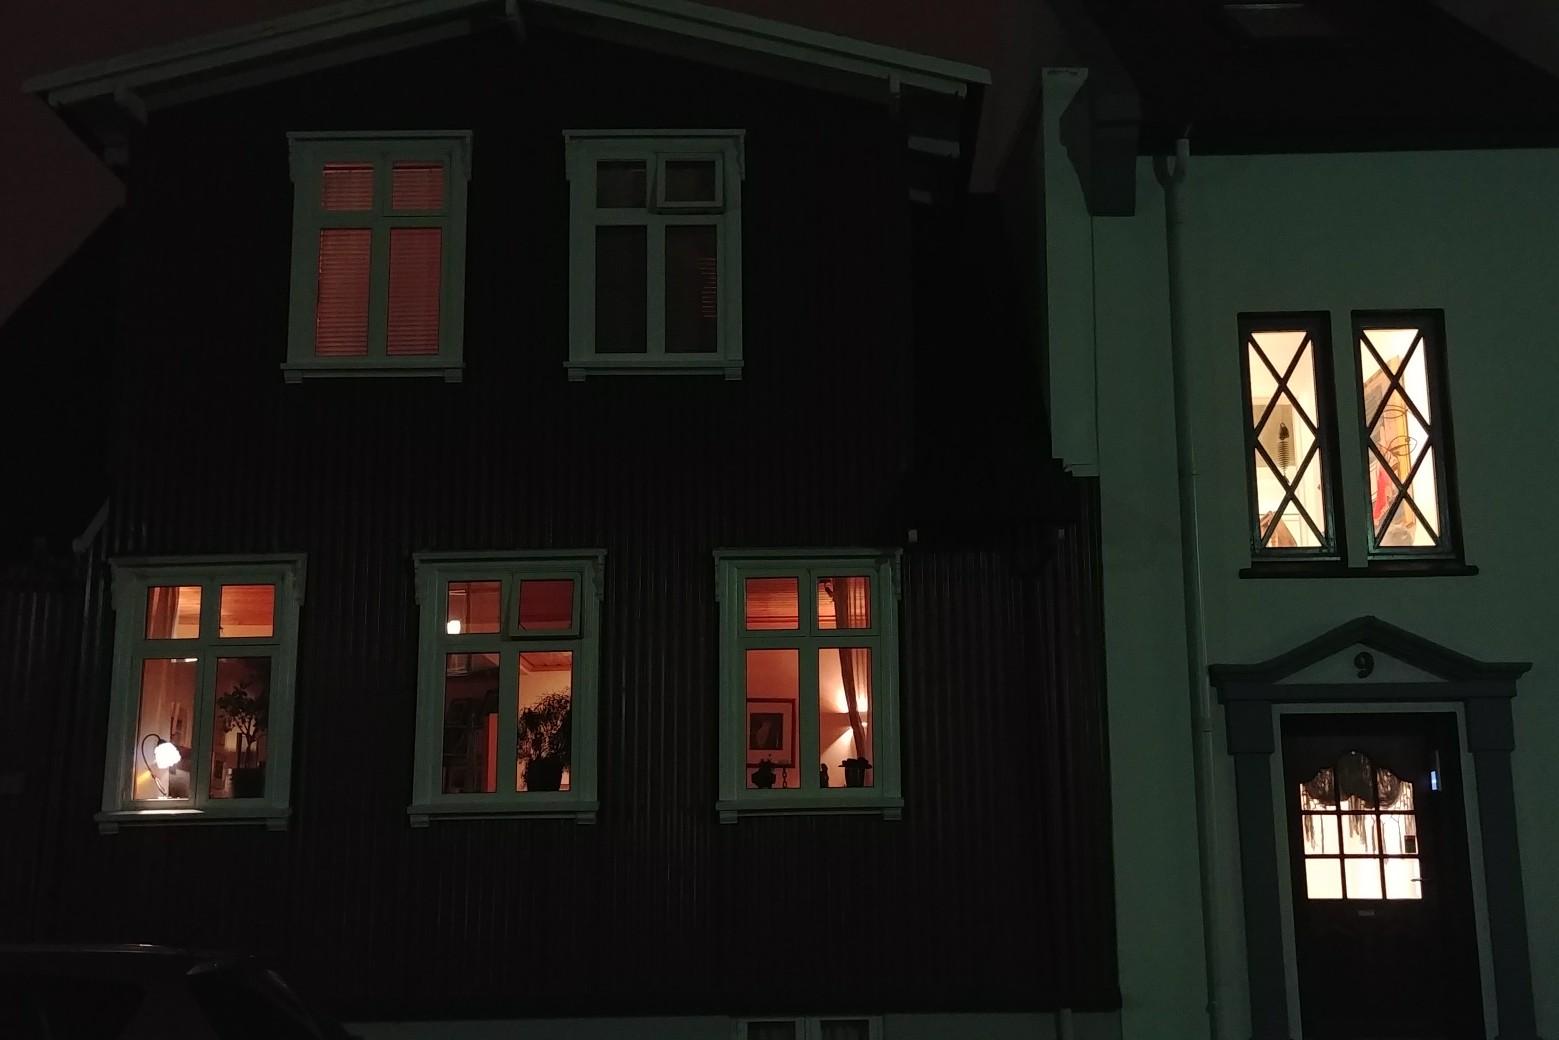 고난과 역경의 아이슬란드 첫날밤의 추억. - 상상...